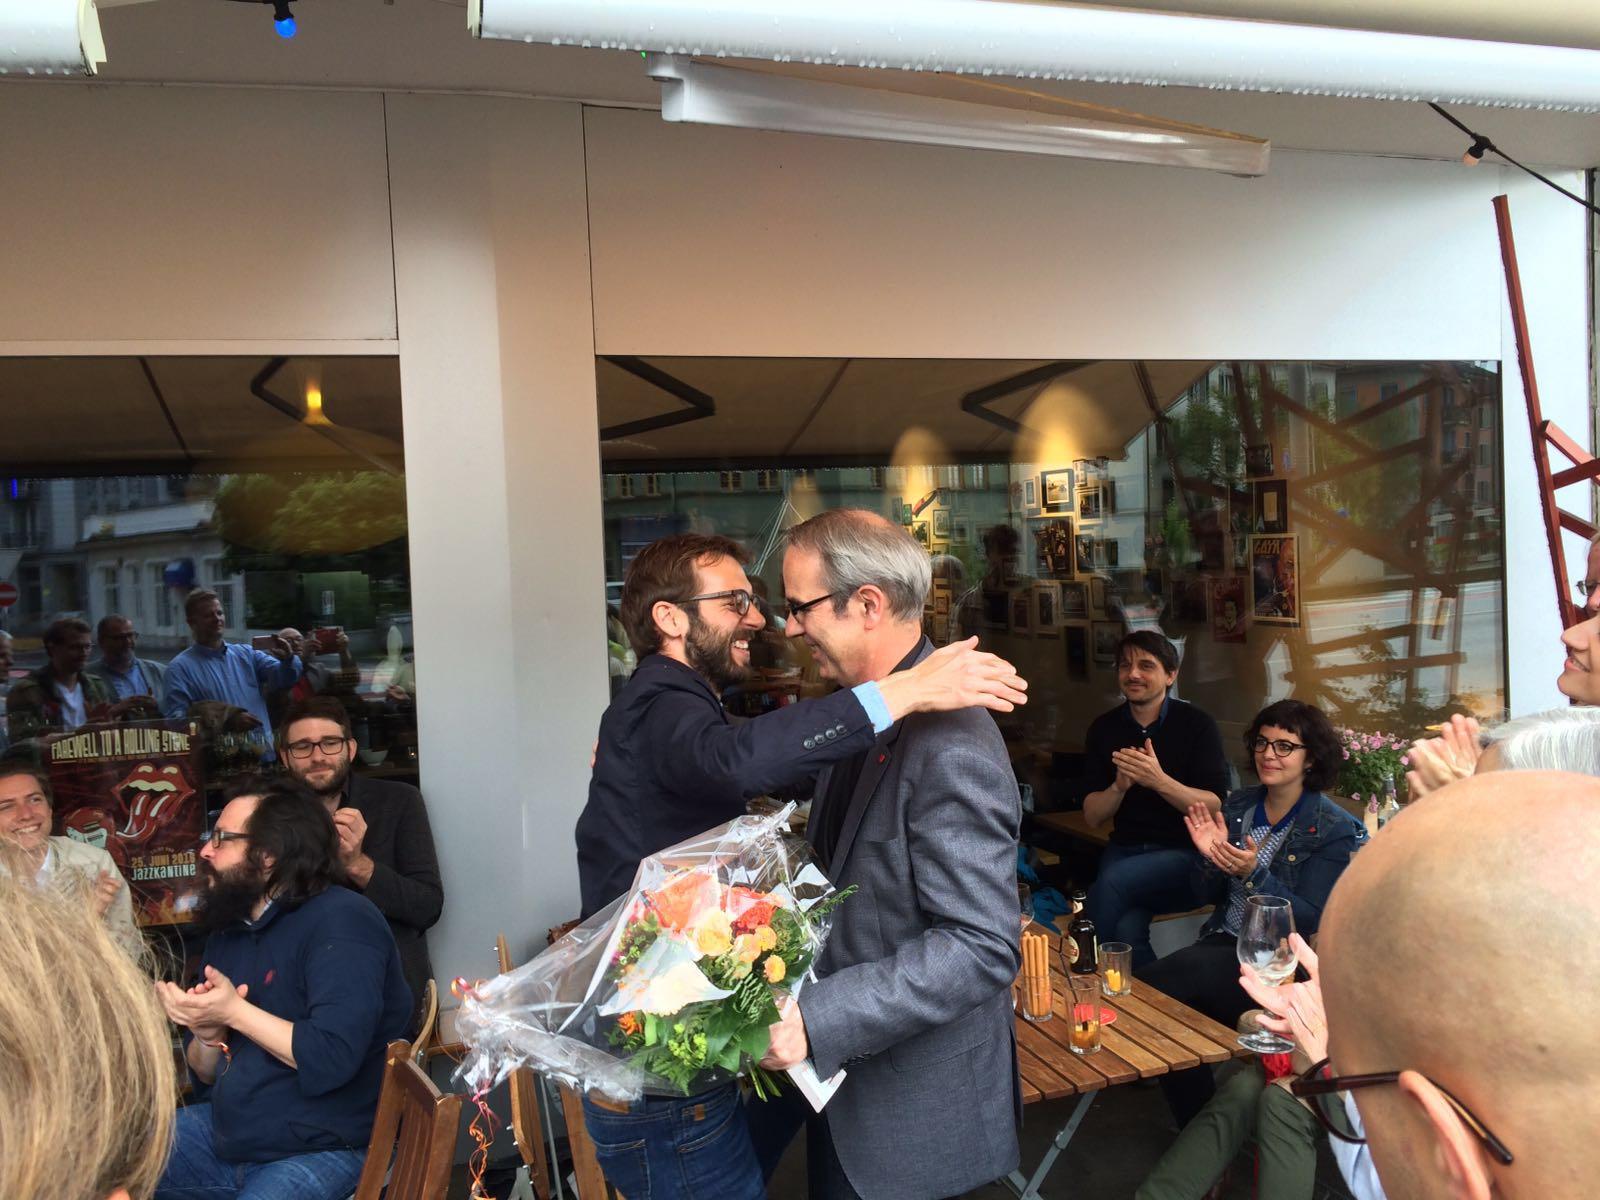 Die SP feiert in der Kulturbeiz «Meyer» am Bundesplatz. Parteipräsident Claudio Soldati gratuliert dem neuen Stadtpräsidenten Beat Züsli (Bild: Jakob Ineichen).